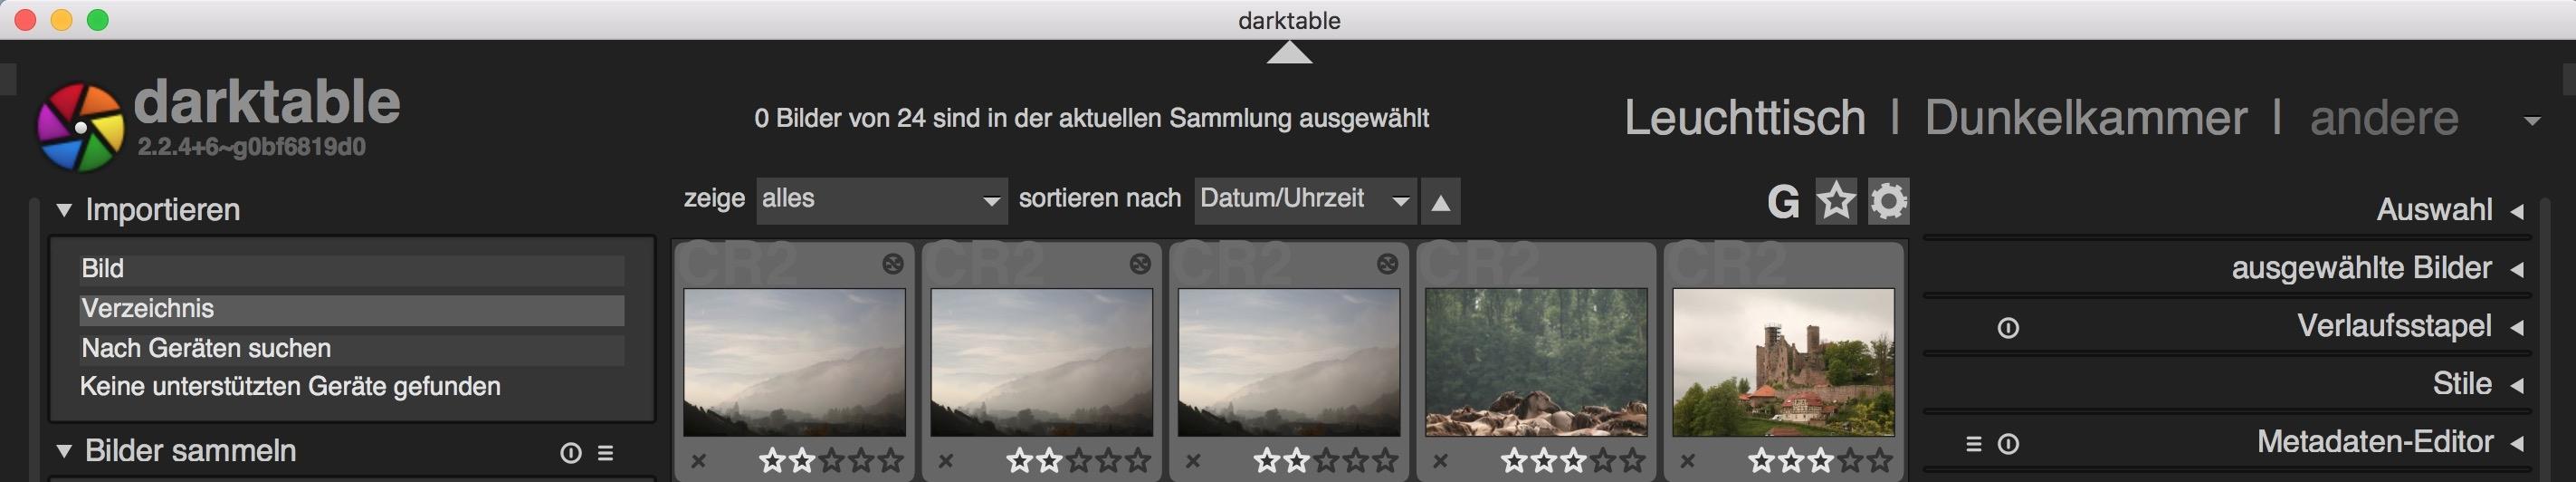 Darktable Review